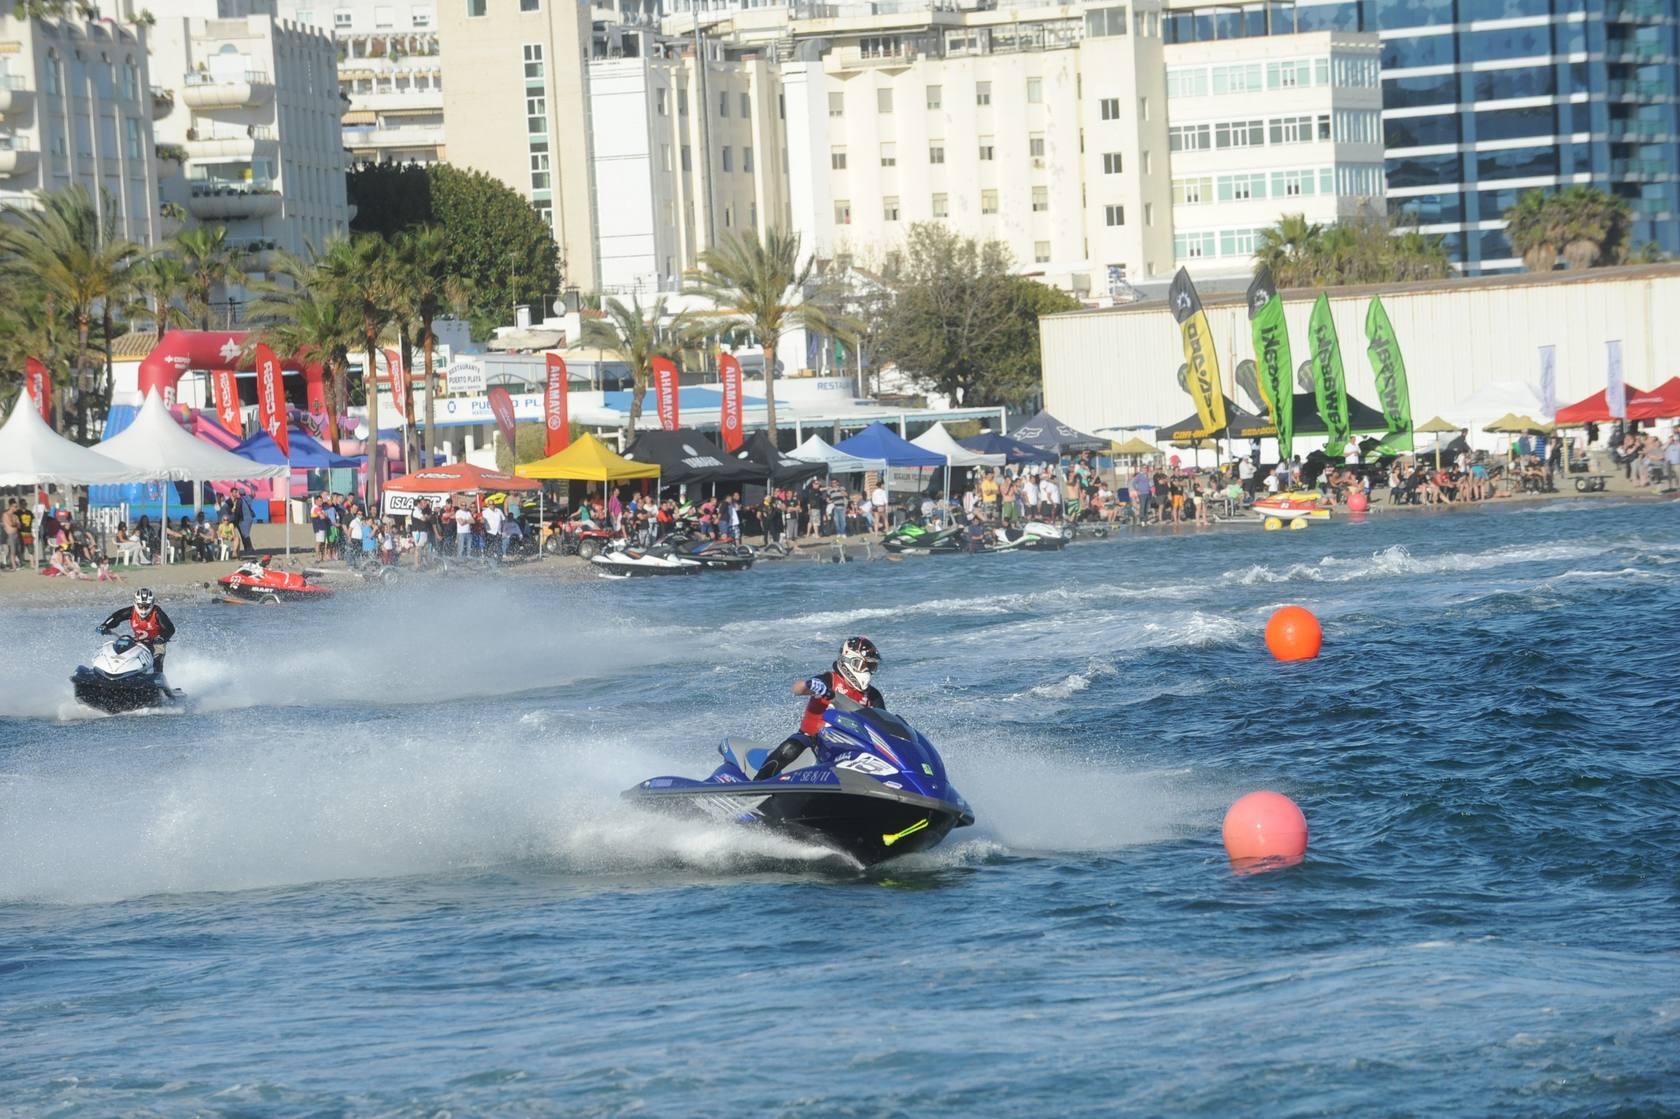 Marbella acoge el Campeonato de España y Andalucía de Motos Acuáticas